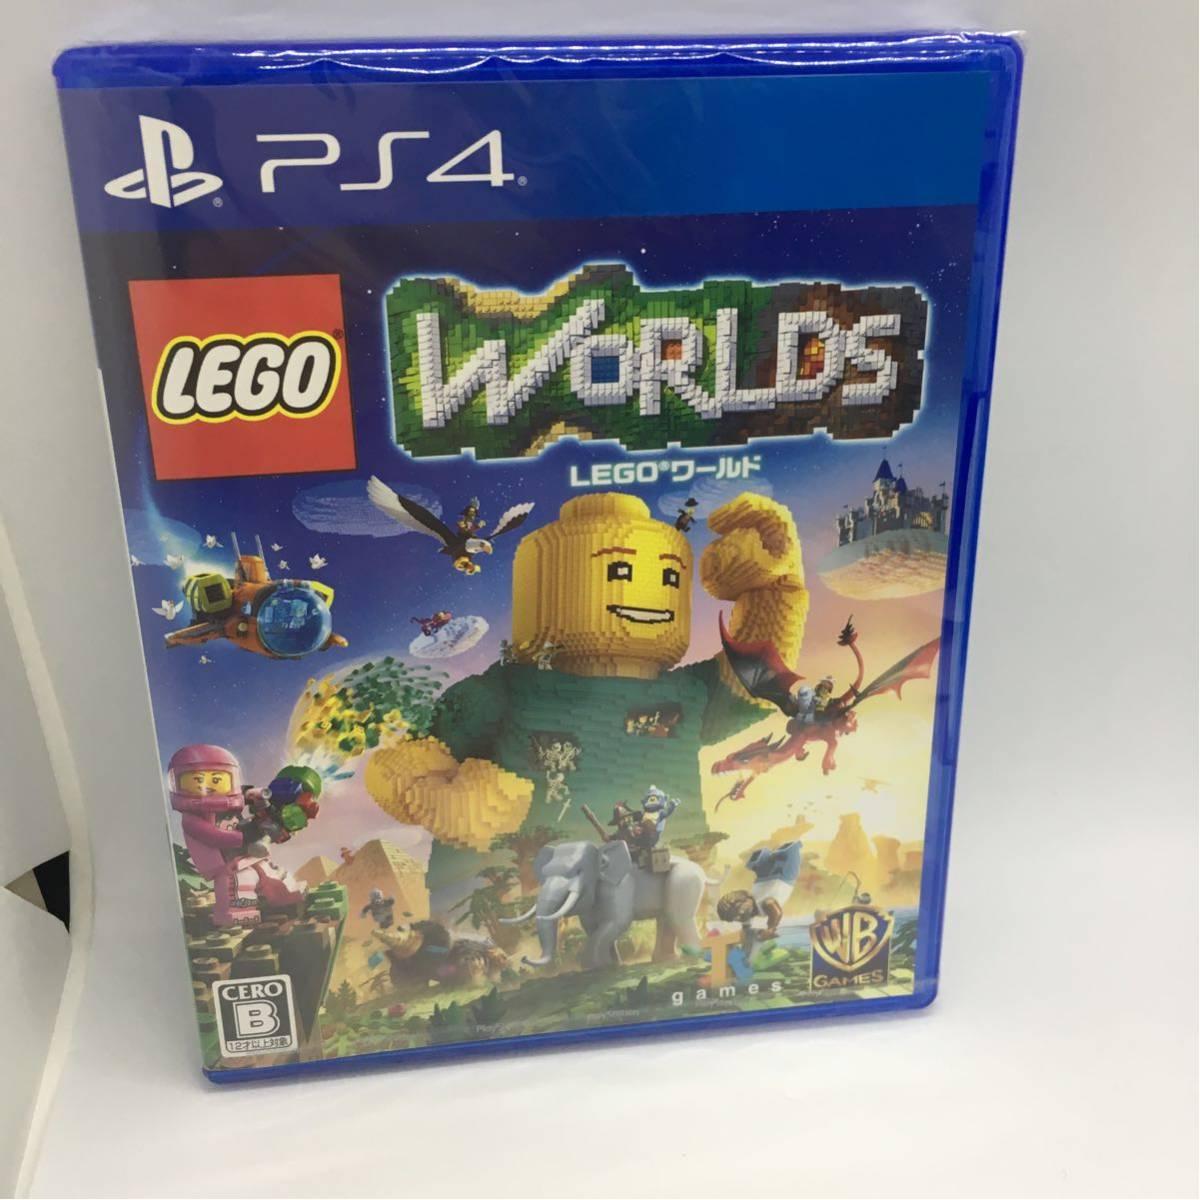 LEGO (R) ワールド 目指せマスタービルダー PS4 ソフト 新品